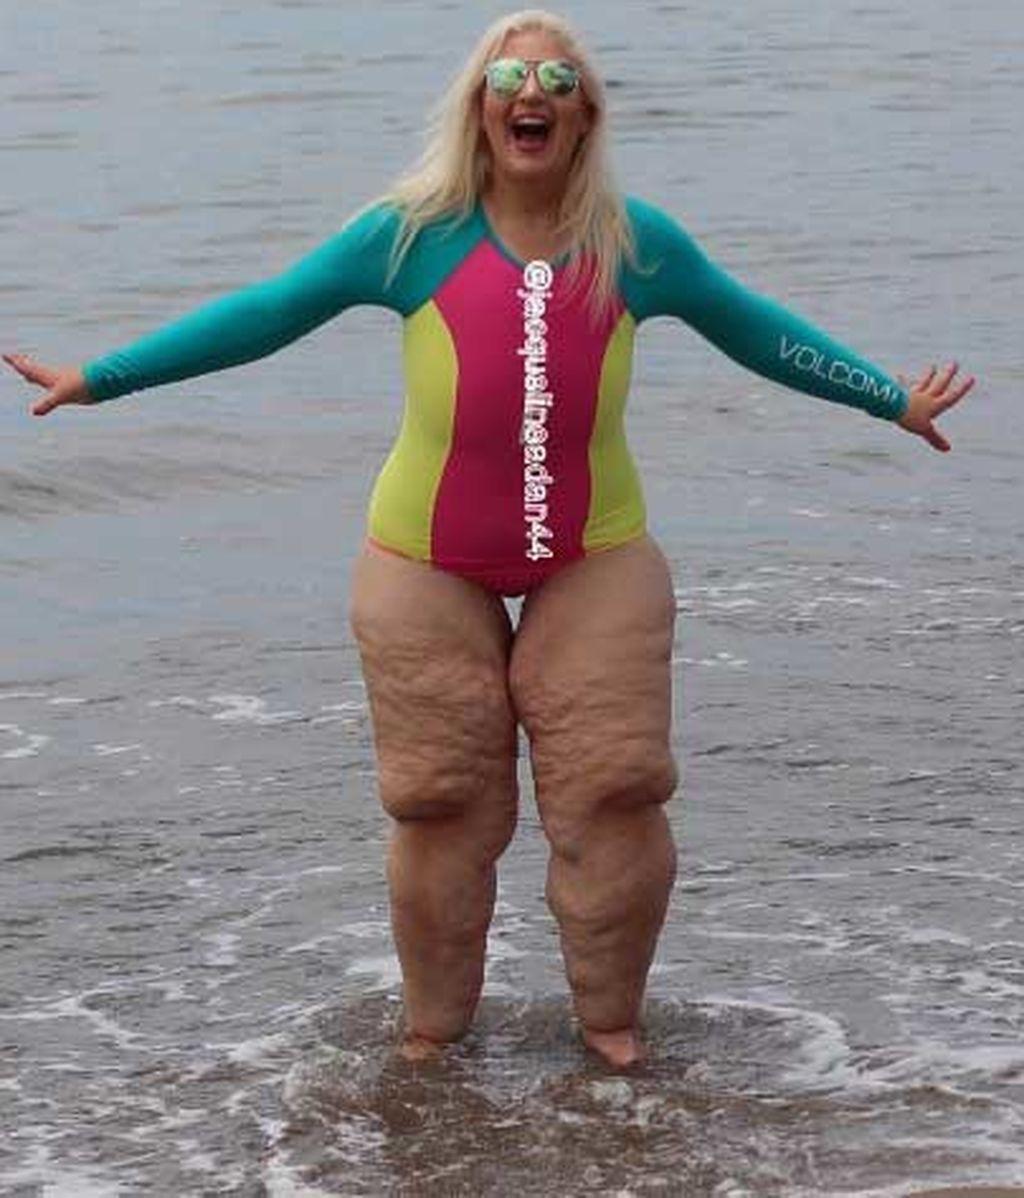 Desata las burlas de la gente cuando se queda en bañador tras perder 158 kilos de peso